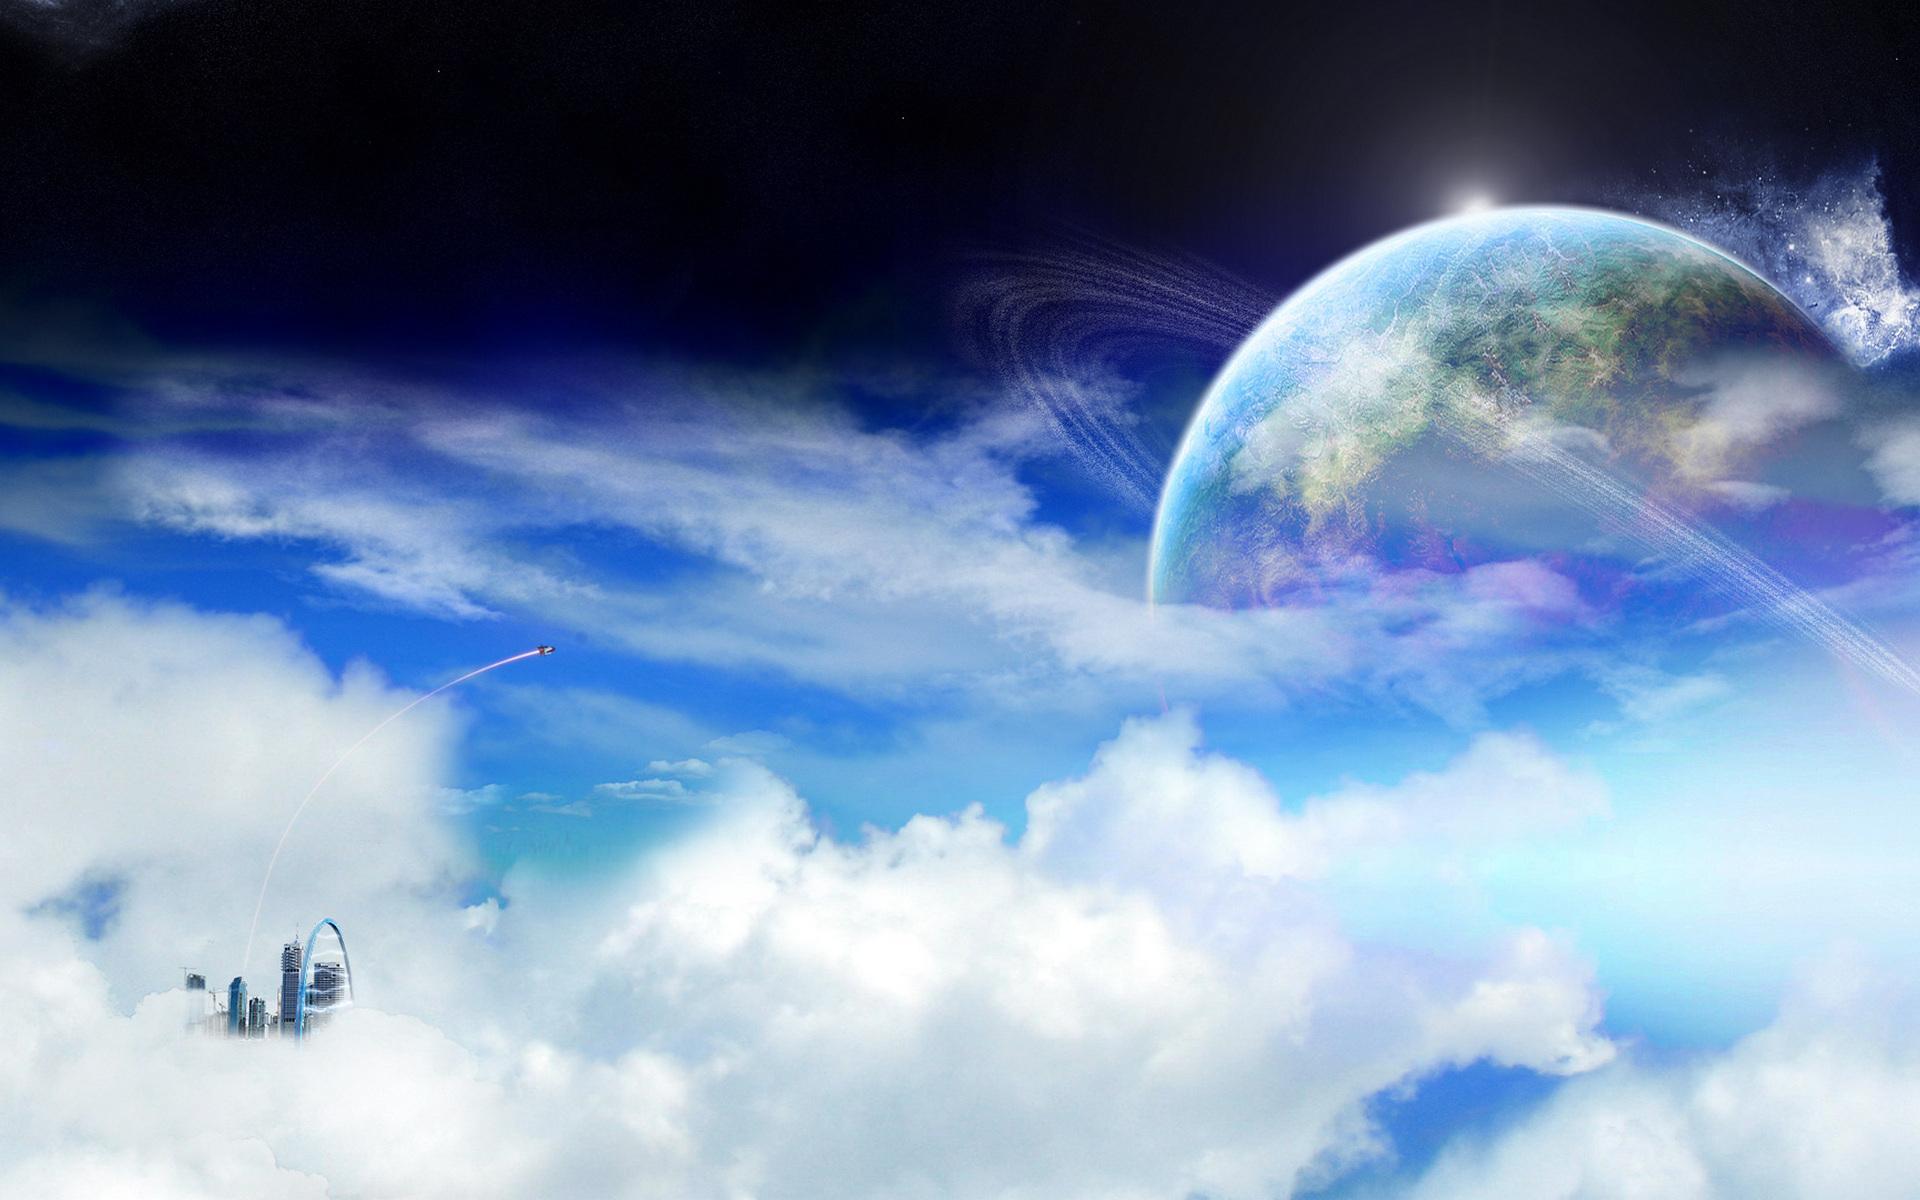 Космос ракета фантастика будущее